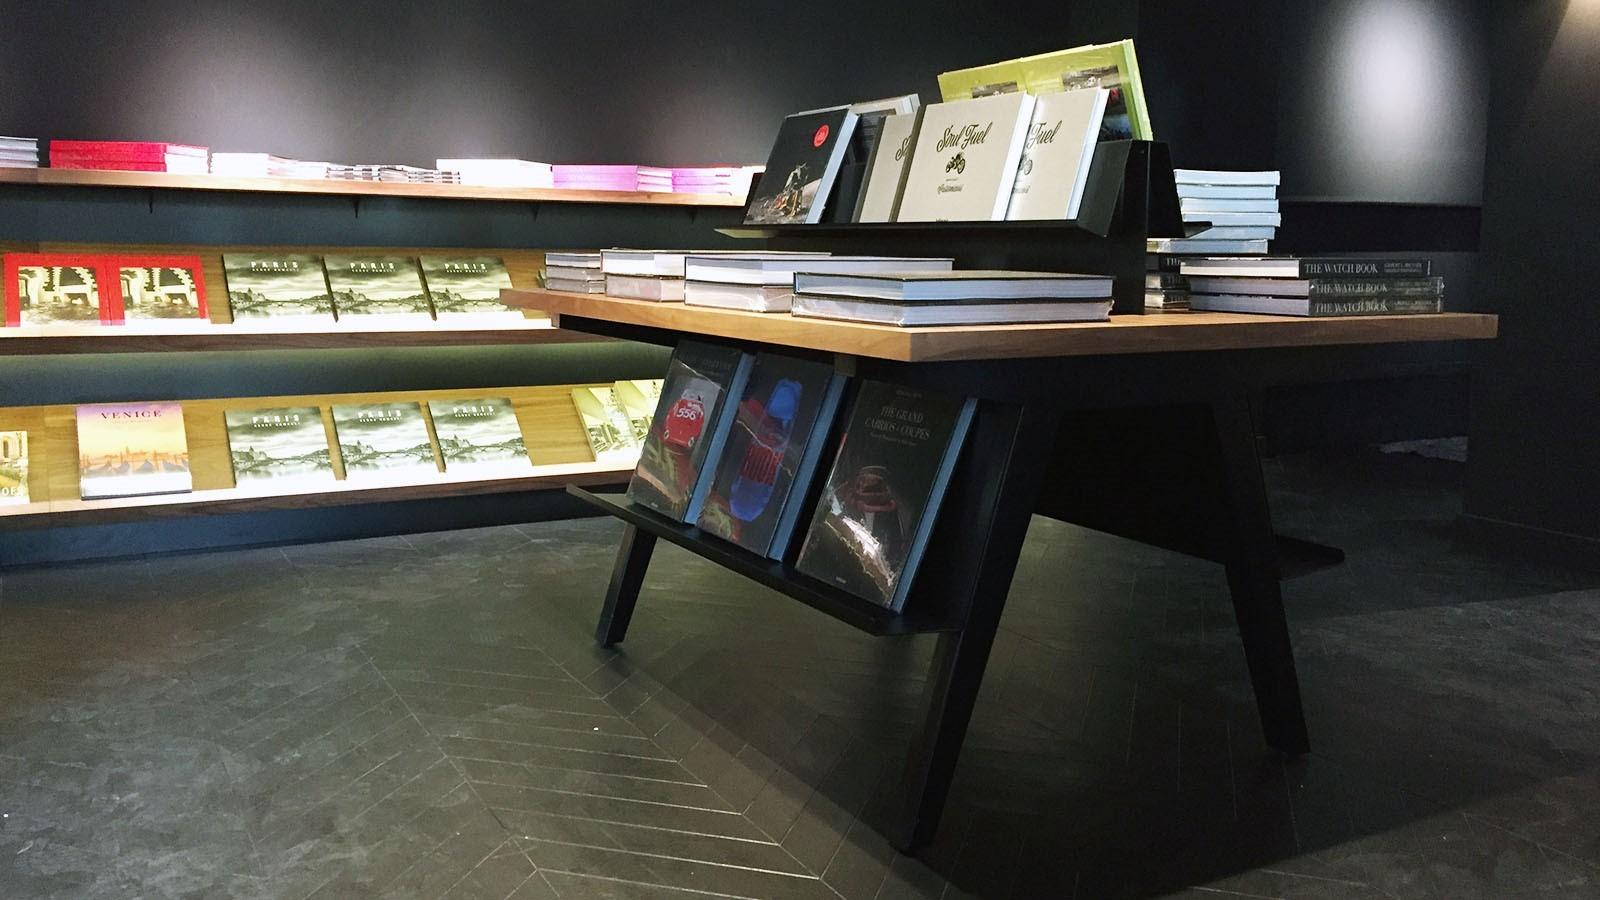 Libraire La Hune Saint Germain Des Pres Efi Design (1)